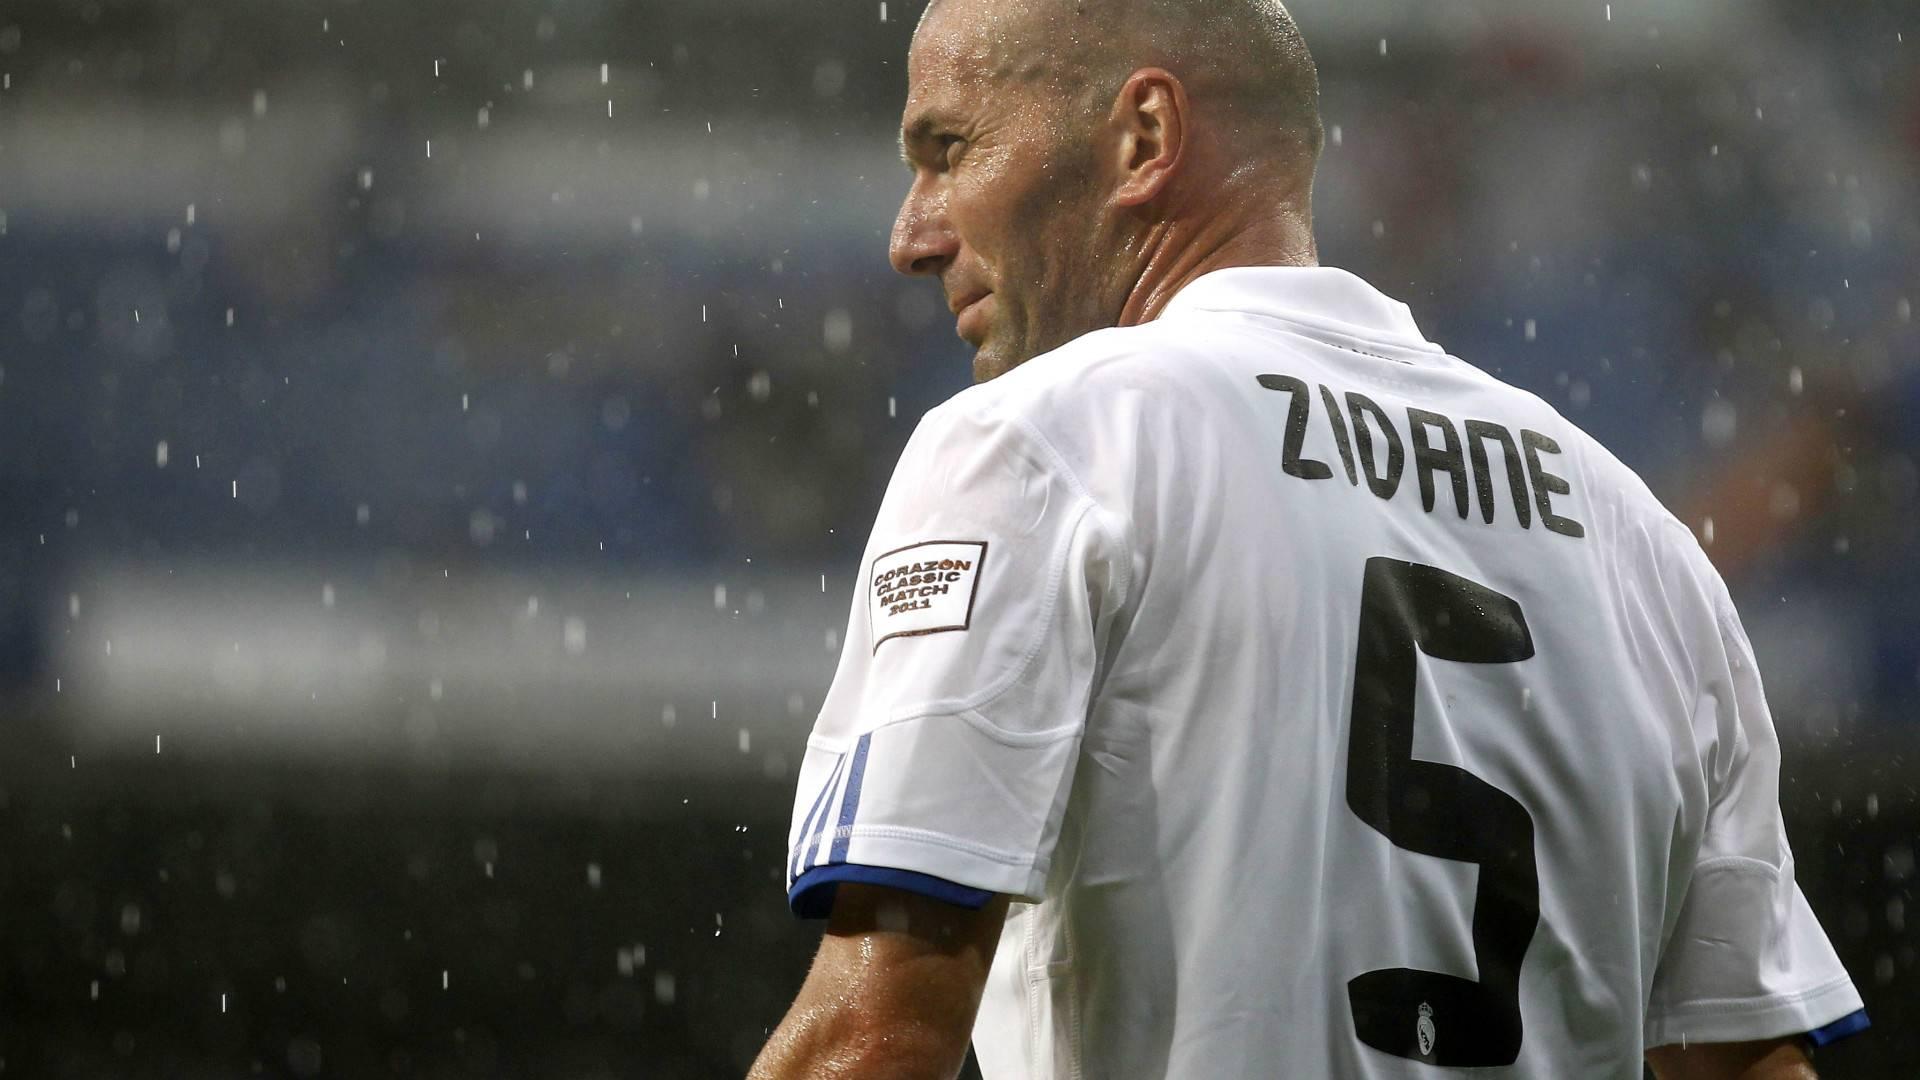 Zidane 56